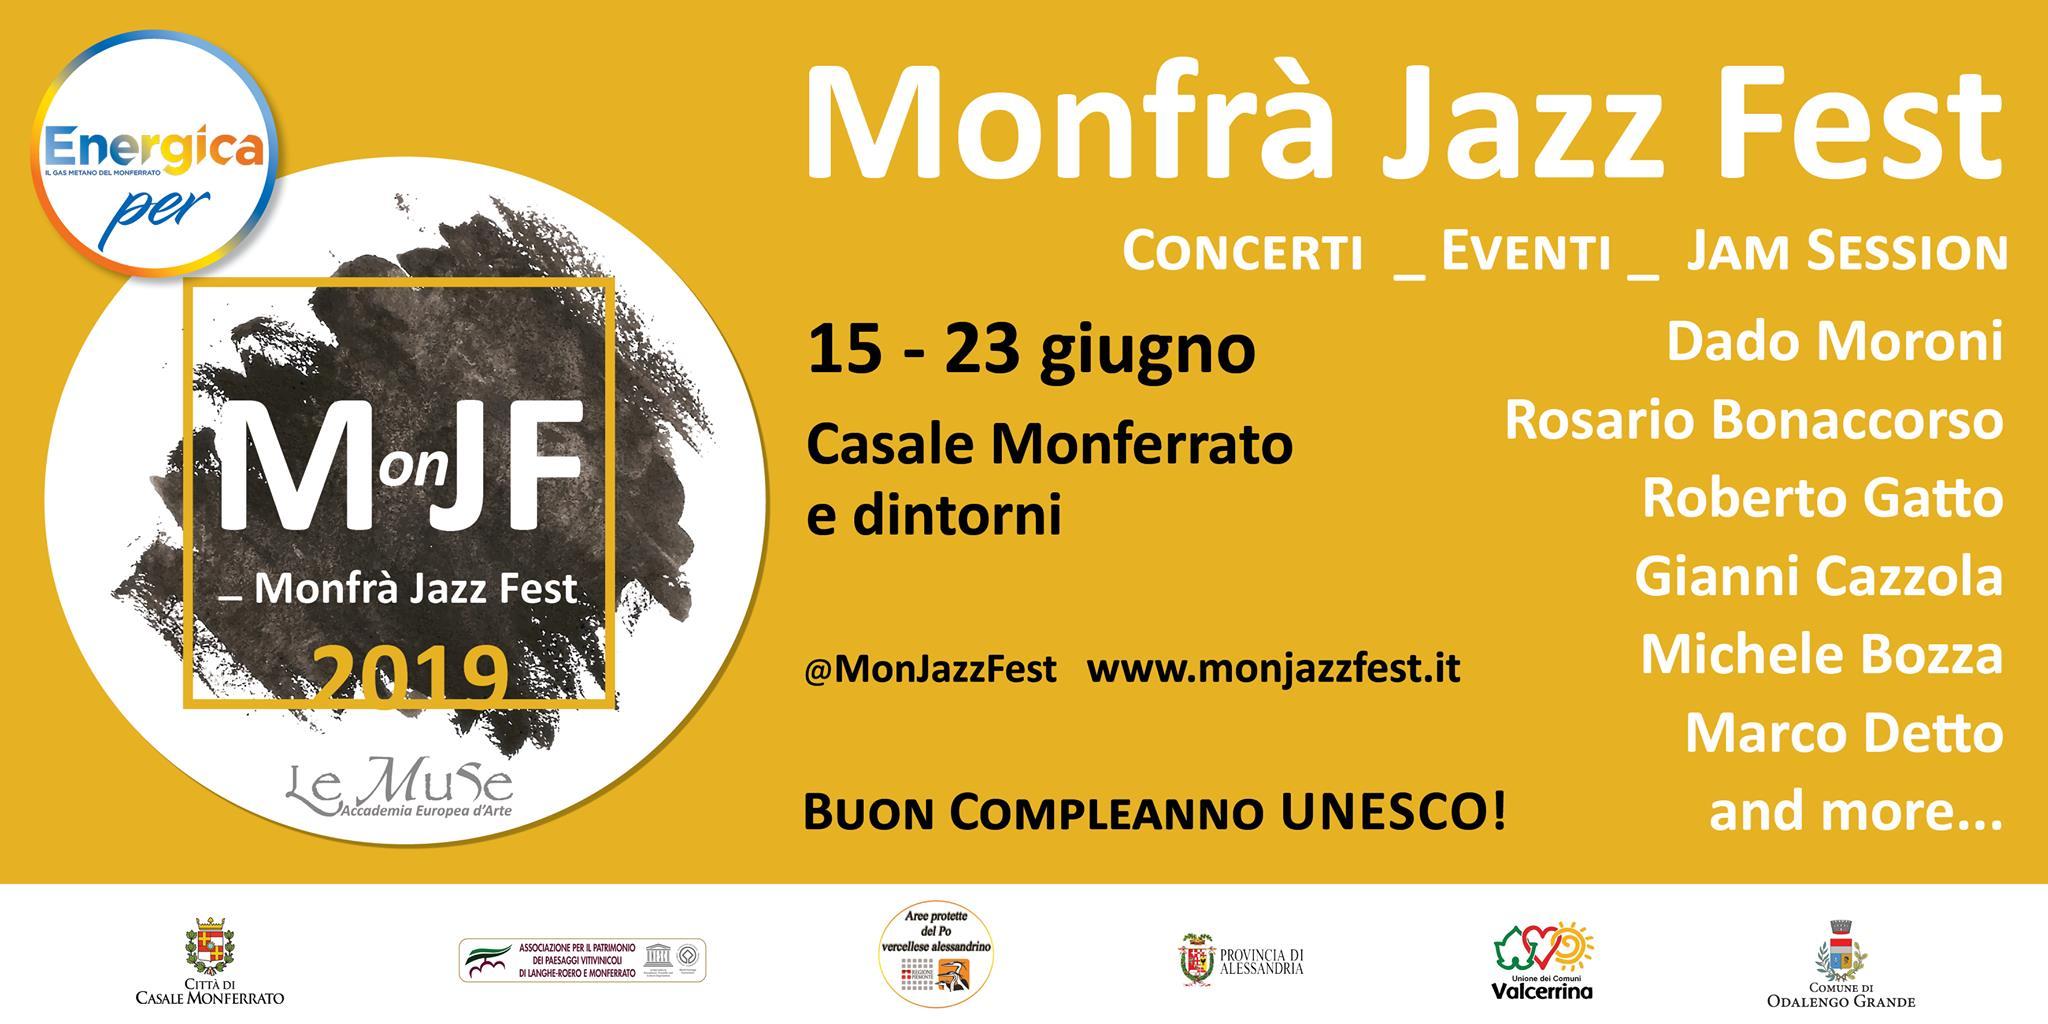 Monfrà Jazz Fest 2019